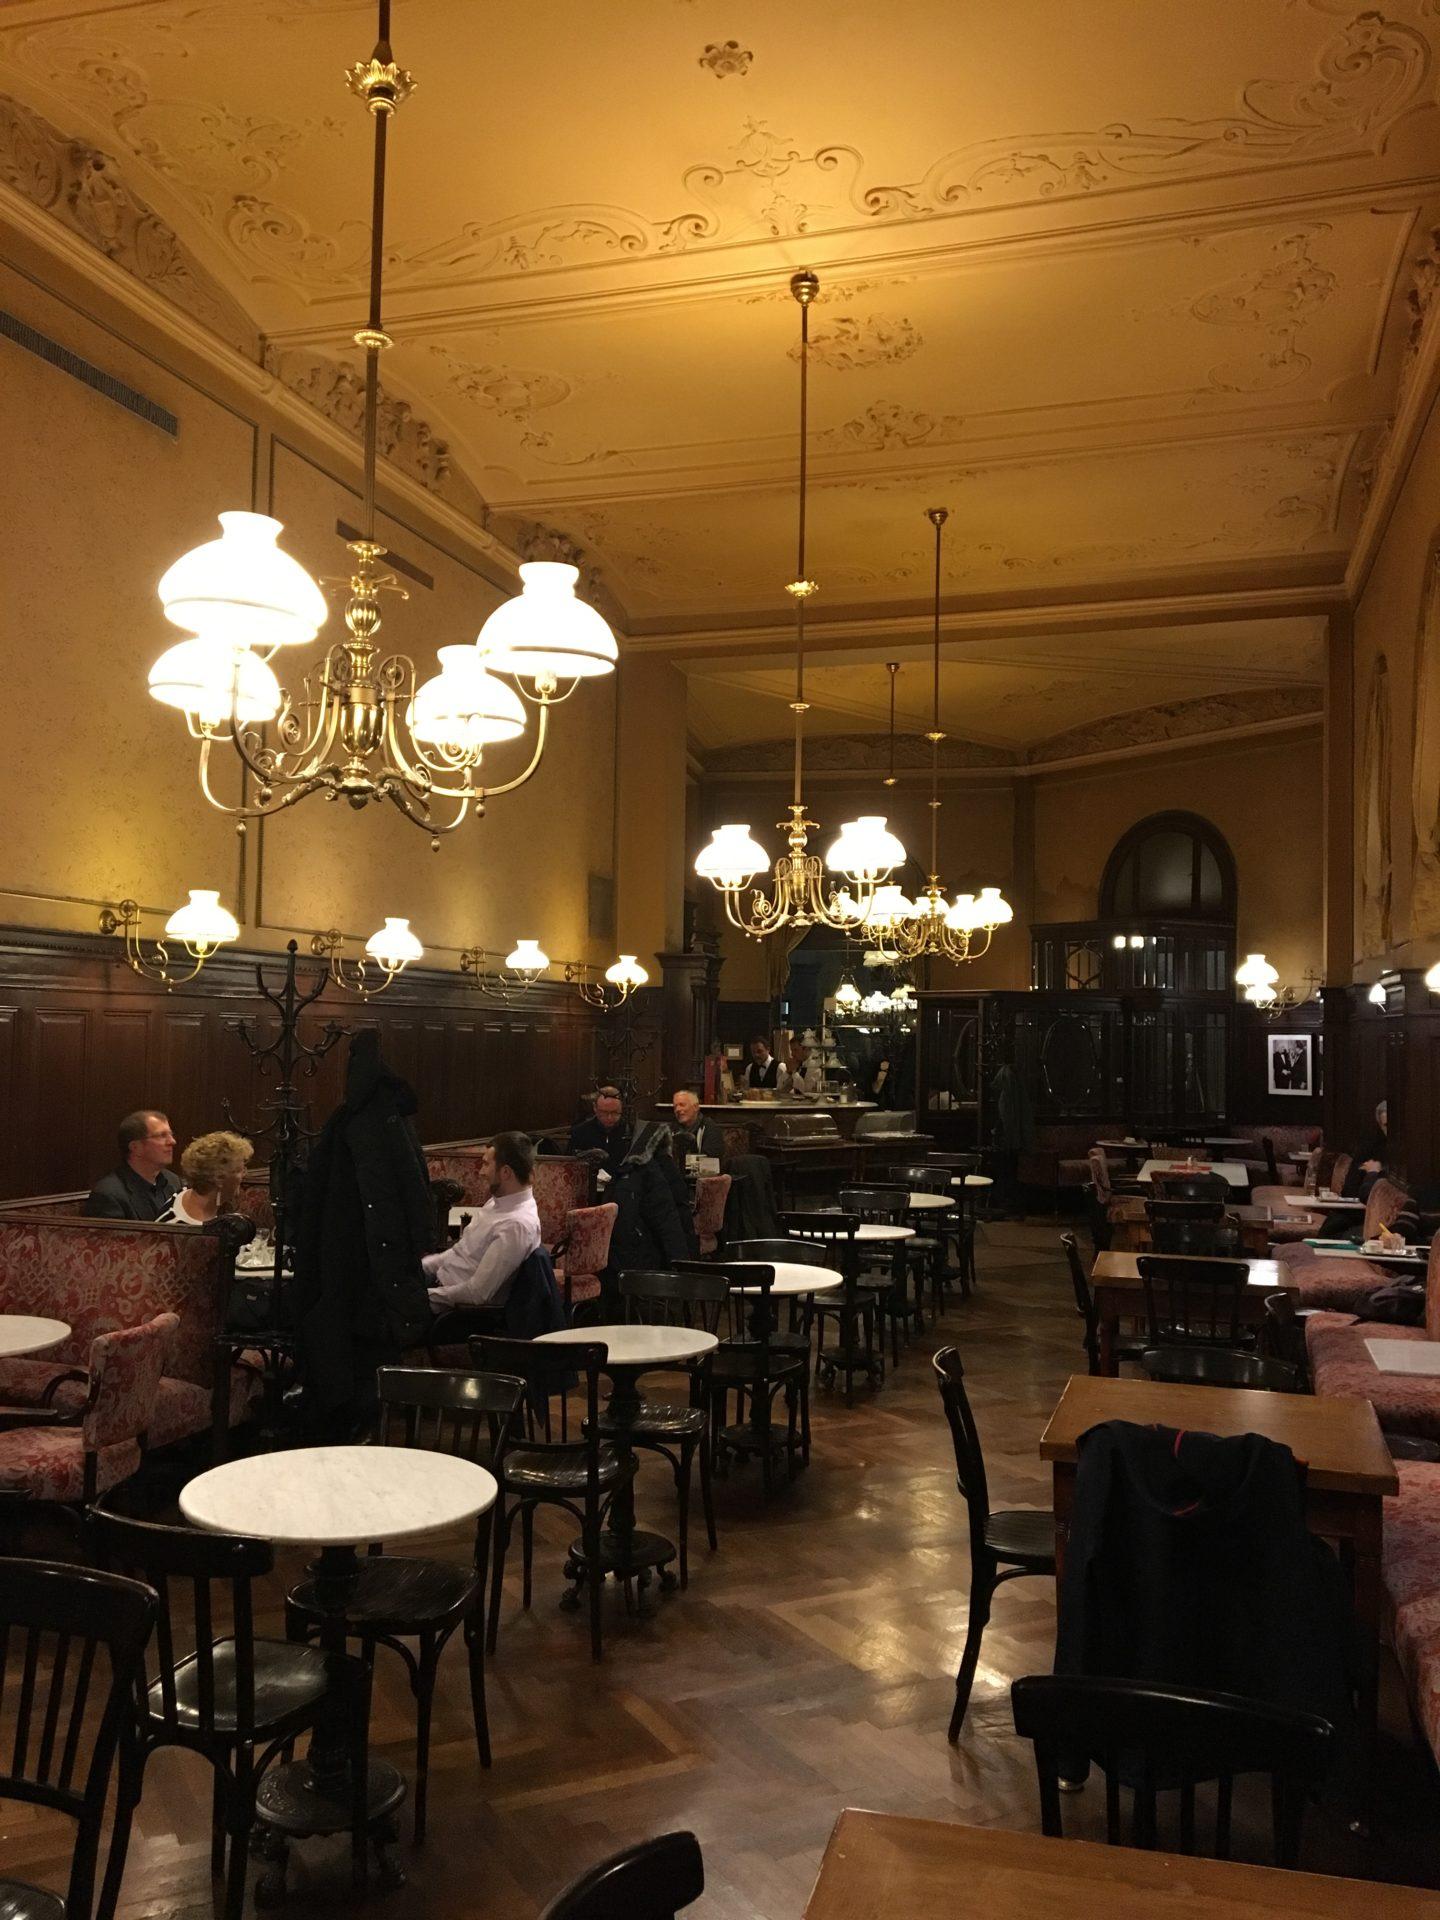 Cafe Sperl Vienna Austria